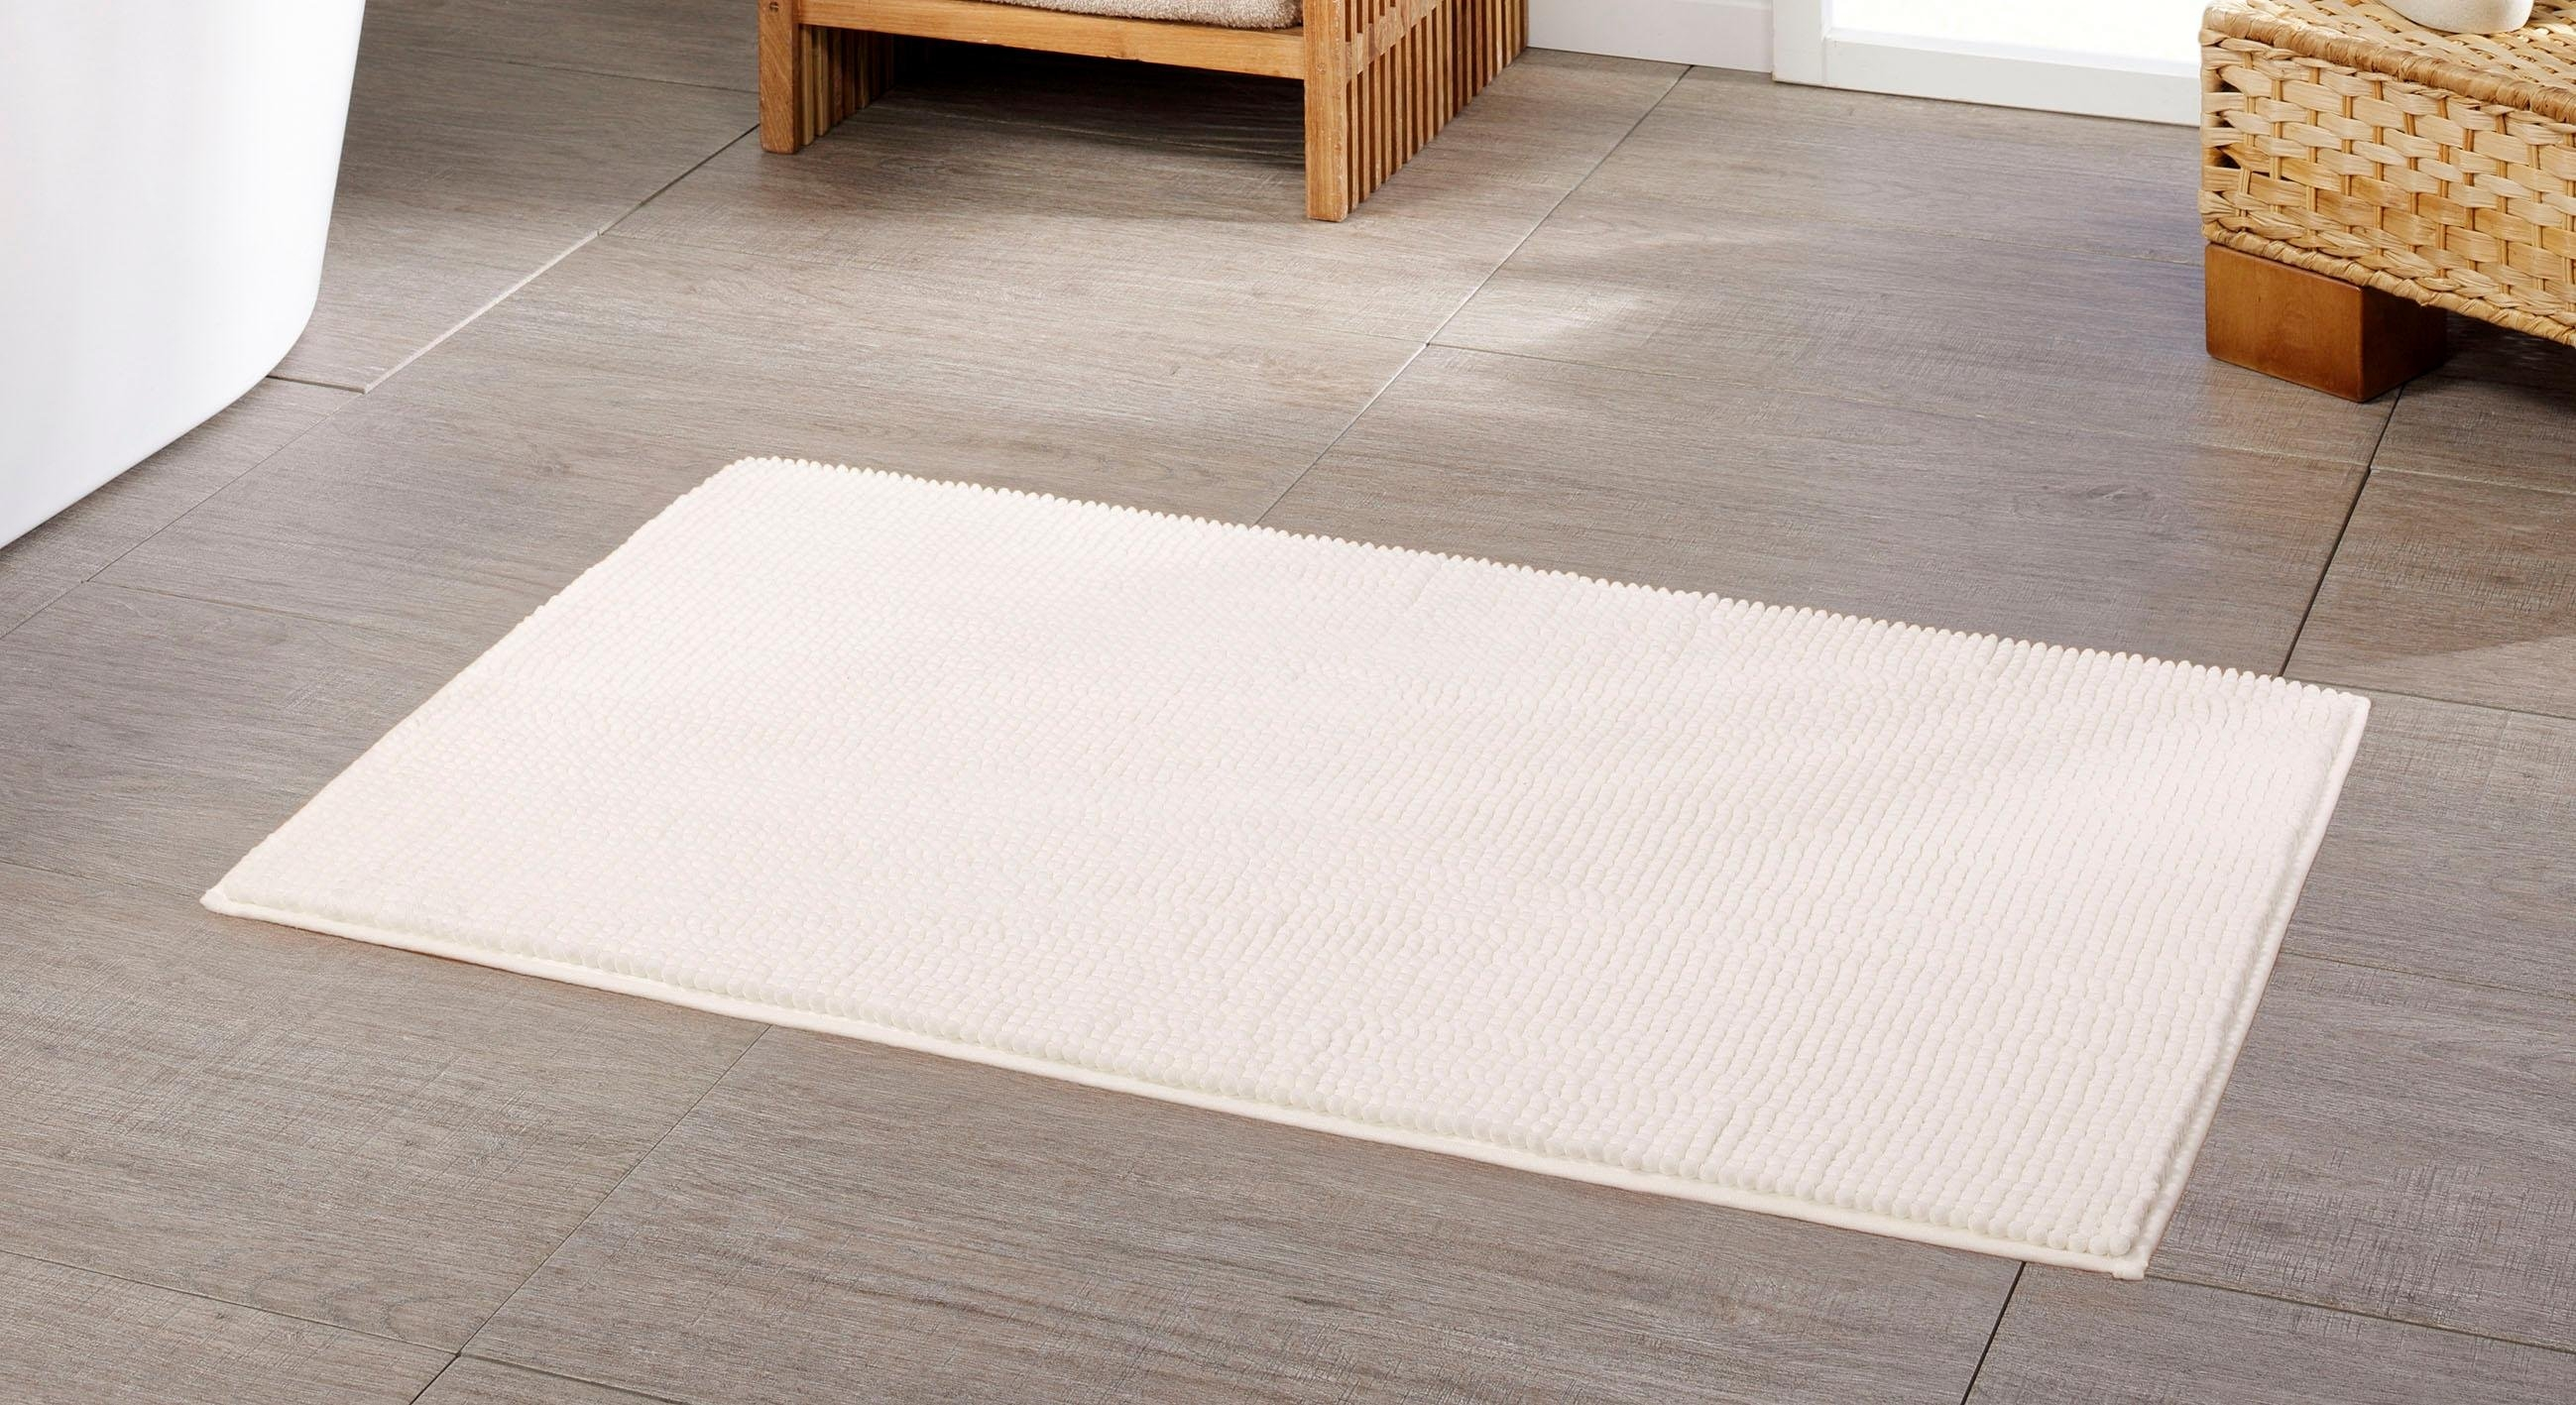 Gözze Badmat »Chenille«, hoogte 15 mm, met antislip-coating, geschikt voor vloerverwarming in de webshop van OTTO kopen